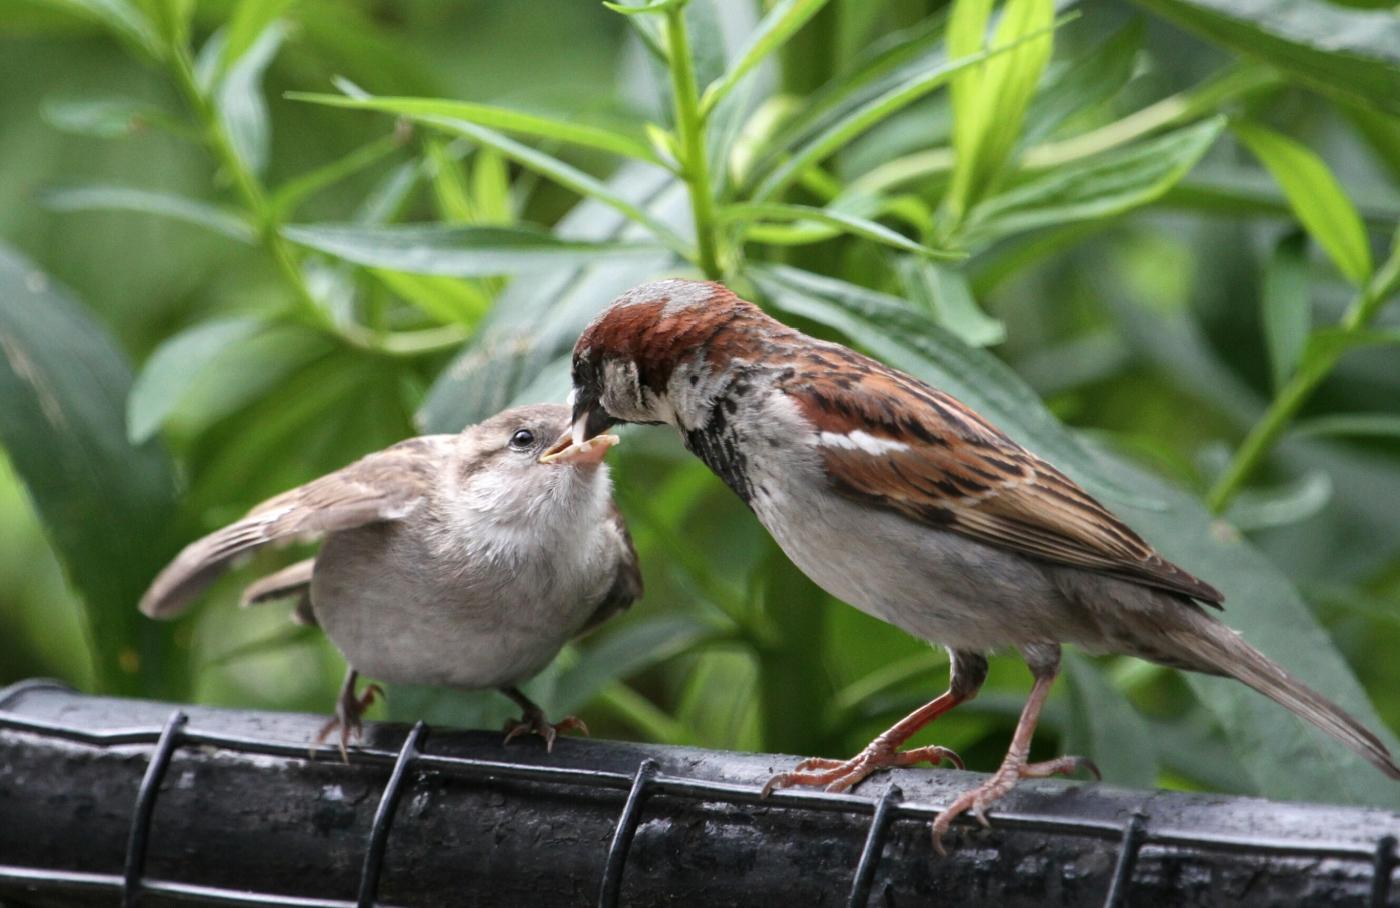 【田螺摄影】在公园拍麻雀喂养_图1-1